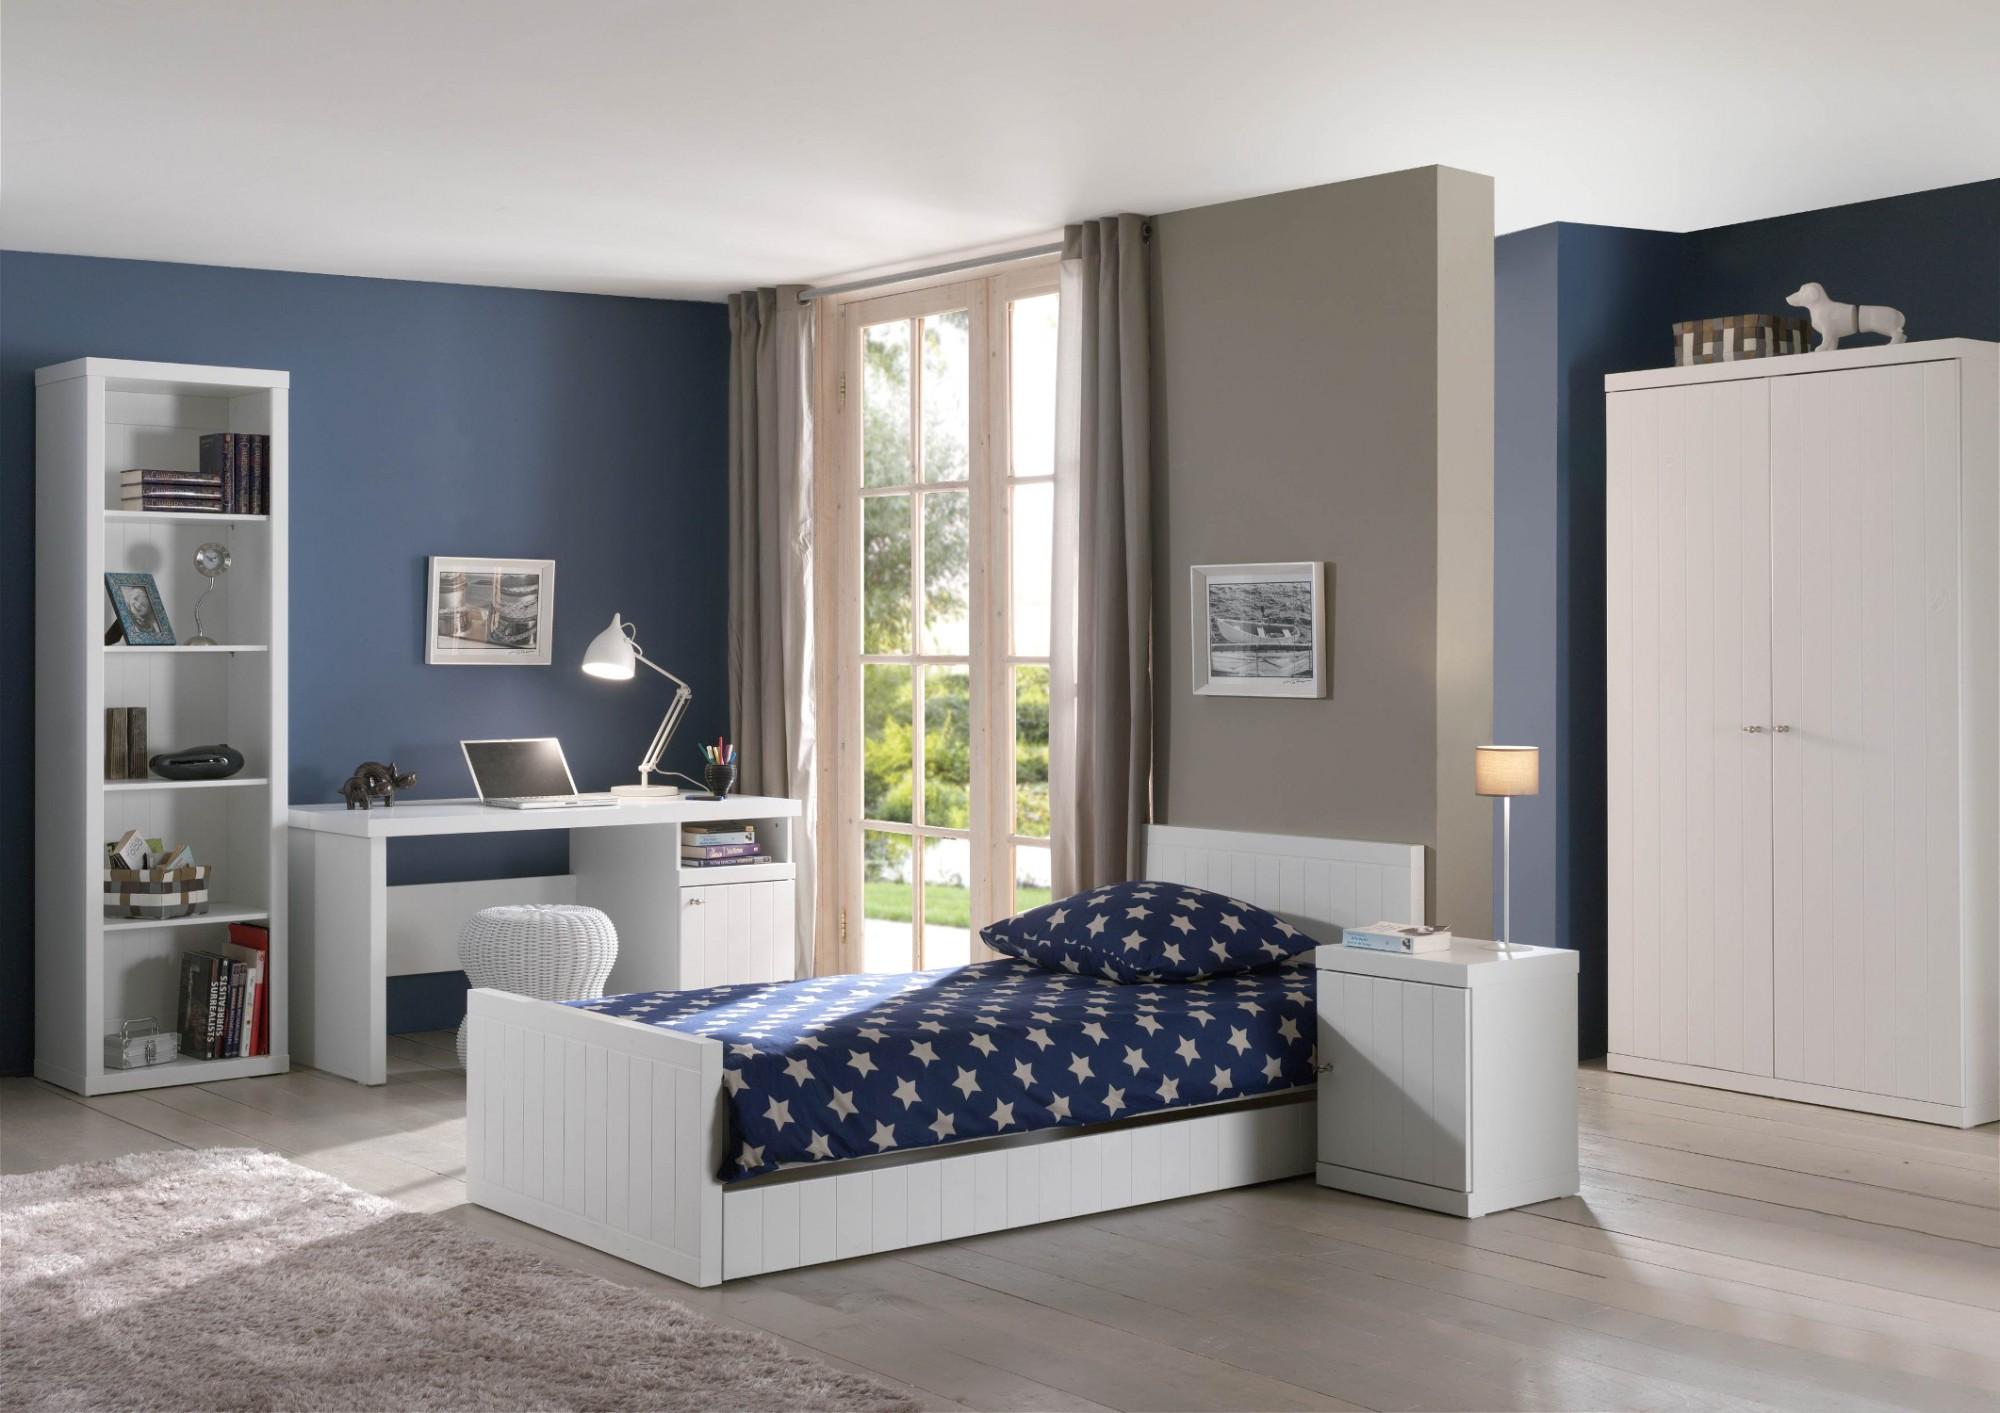 Jugendzimmer Robin Komplett Mit Einzelbett Bettschublade